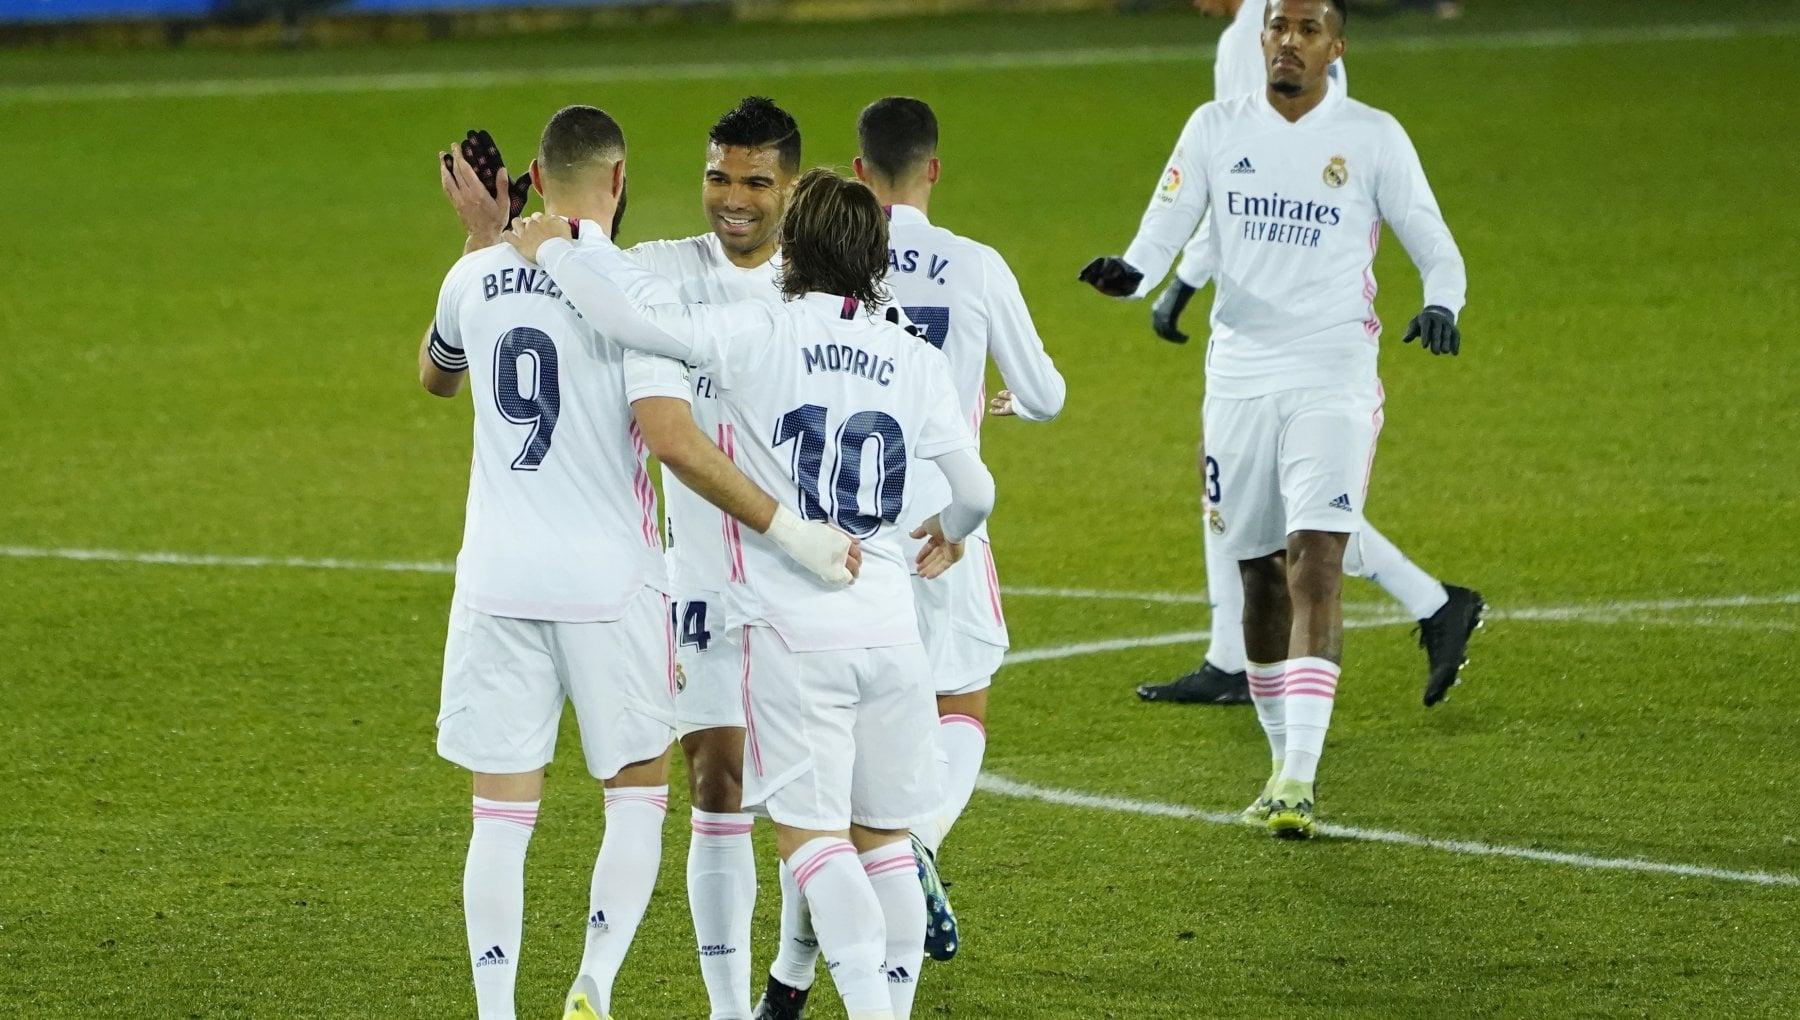 Calcio per il Covid i 20 top club dEuropa perderanno 2 miliardi Barcellona e Real col fatturato piu alto Juventus decima